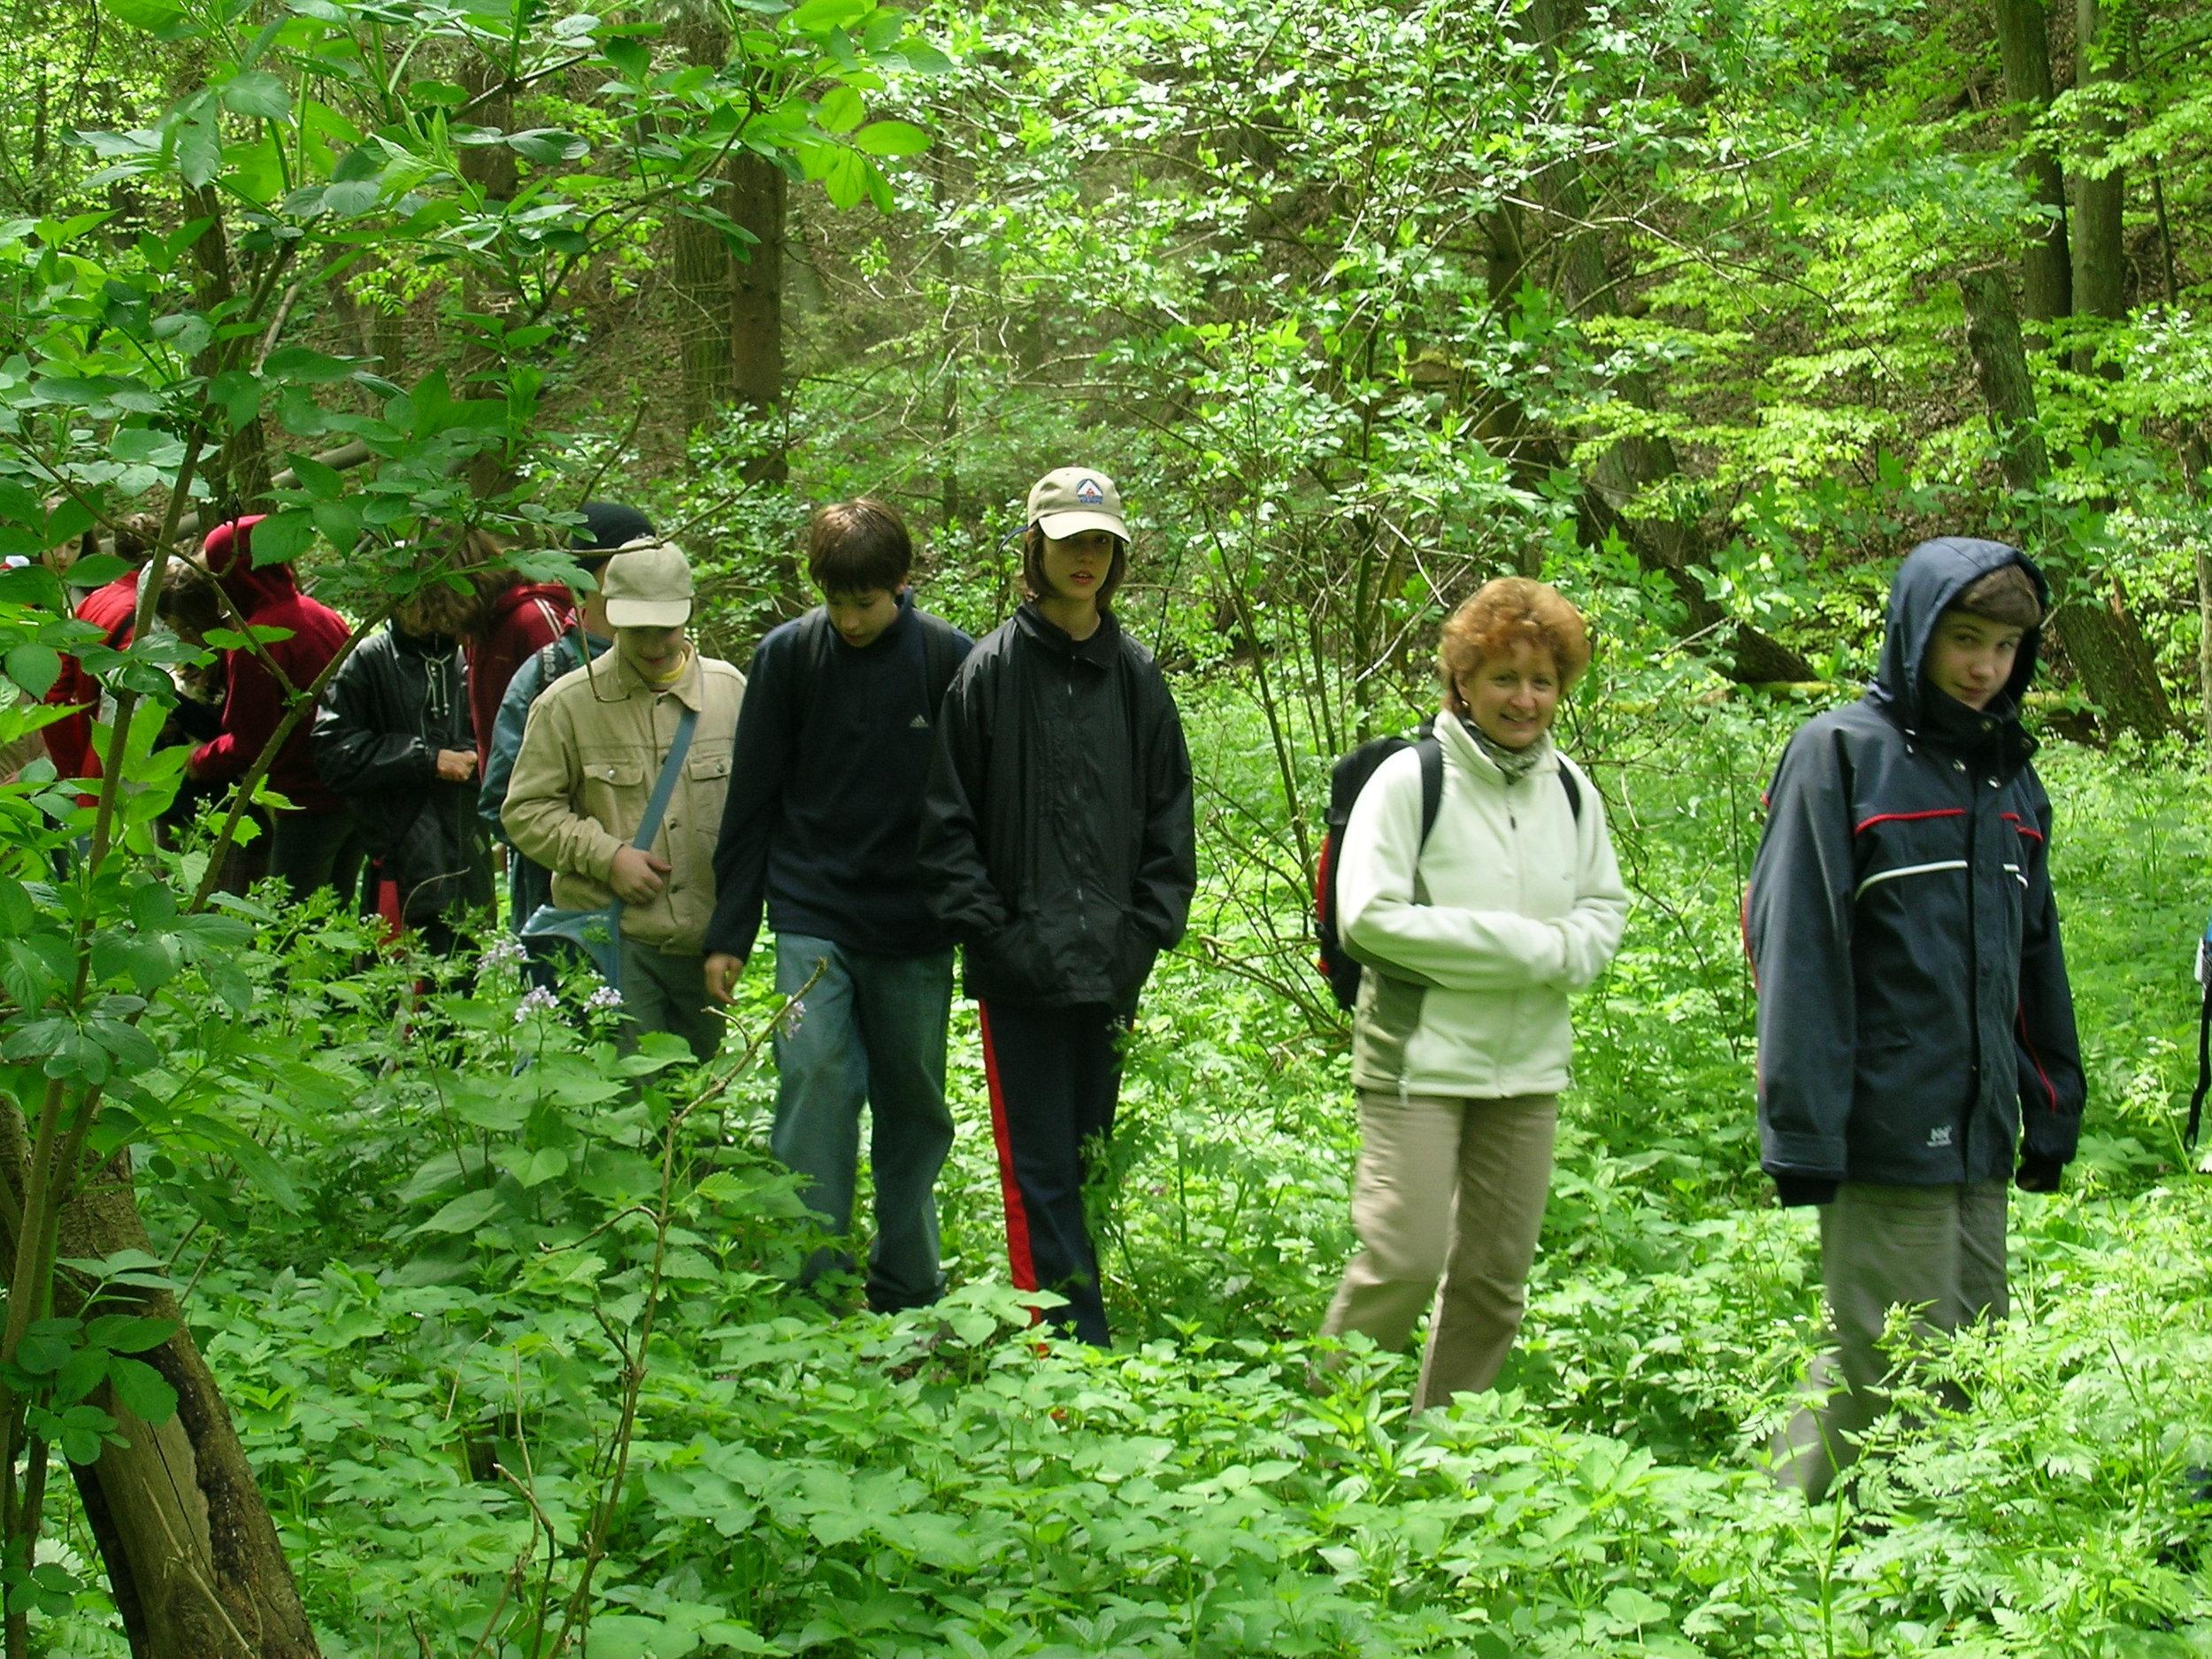 Avartúrás tábor - Célunk egy olyan egy hétvégés program kialakítása, amelyben a természettudományok iránt fogékony fiatalok megtalálhatják a saját érdeklődési körüknek megfelelő témát. Túráinkat a Breuer László Oktatóközpontból indítjuk, természetesen a helyhez kötött programok is itt lesznek megtartva.